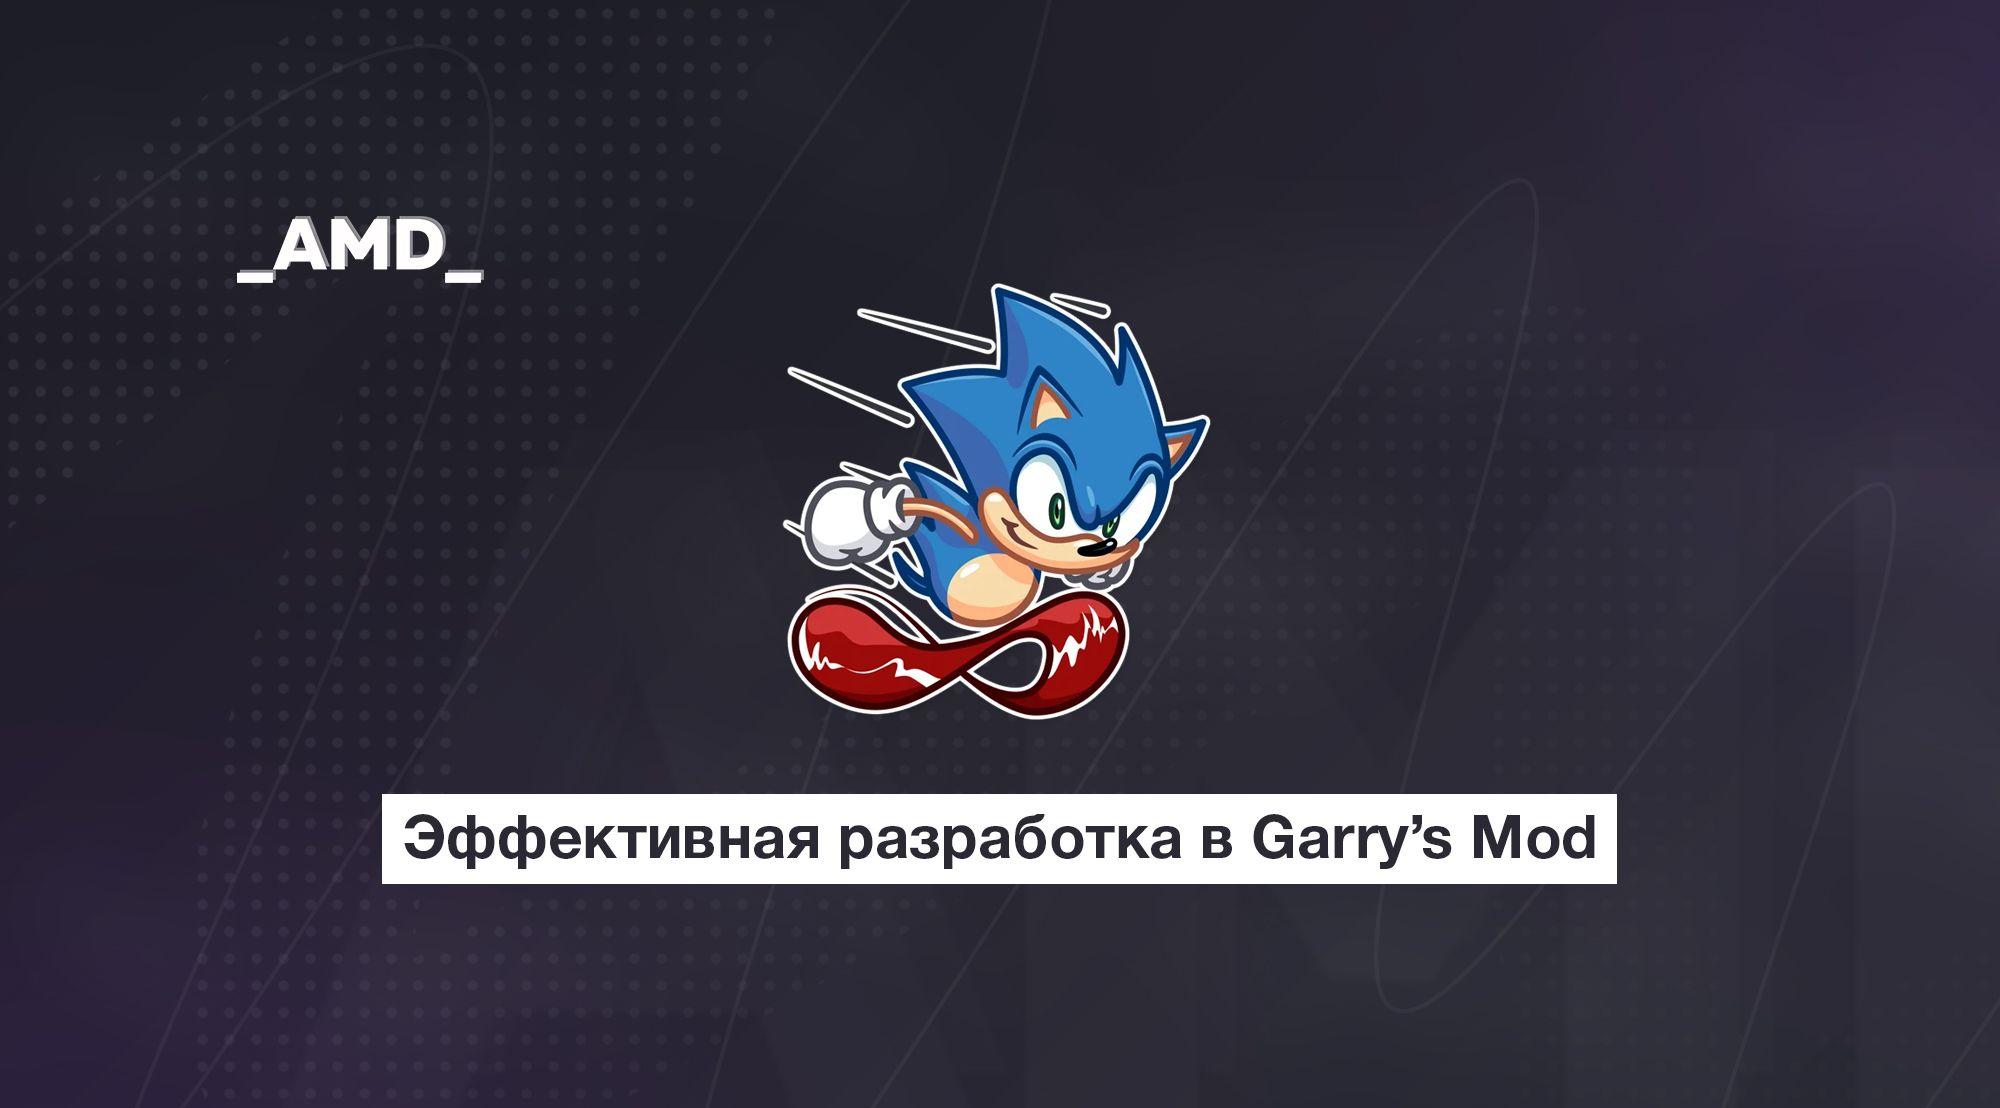 Эффективная разработка в Garry's Mod